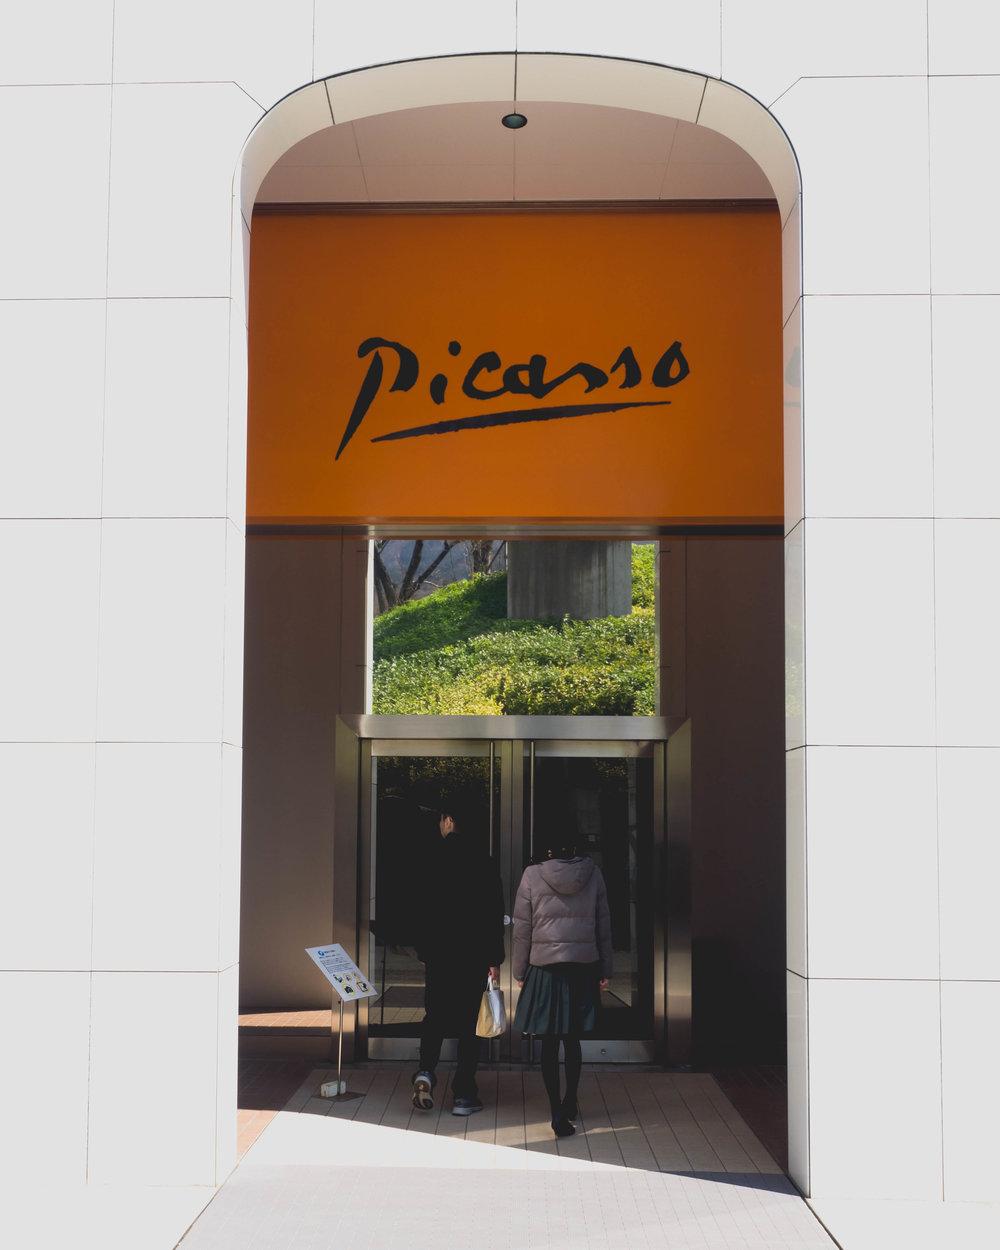 picasso pavillion entrance.